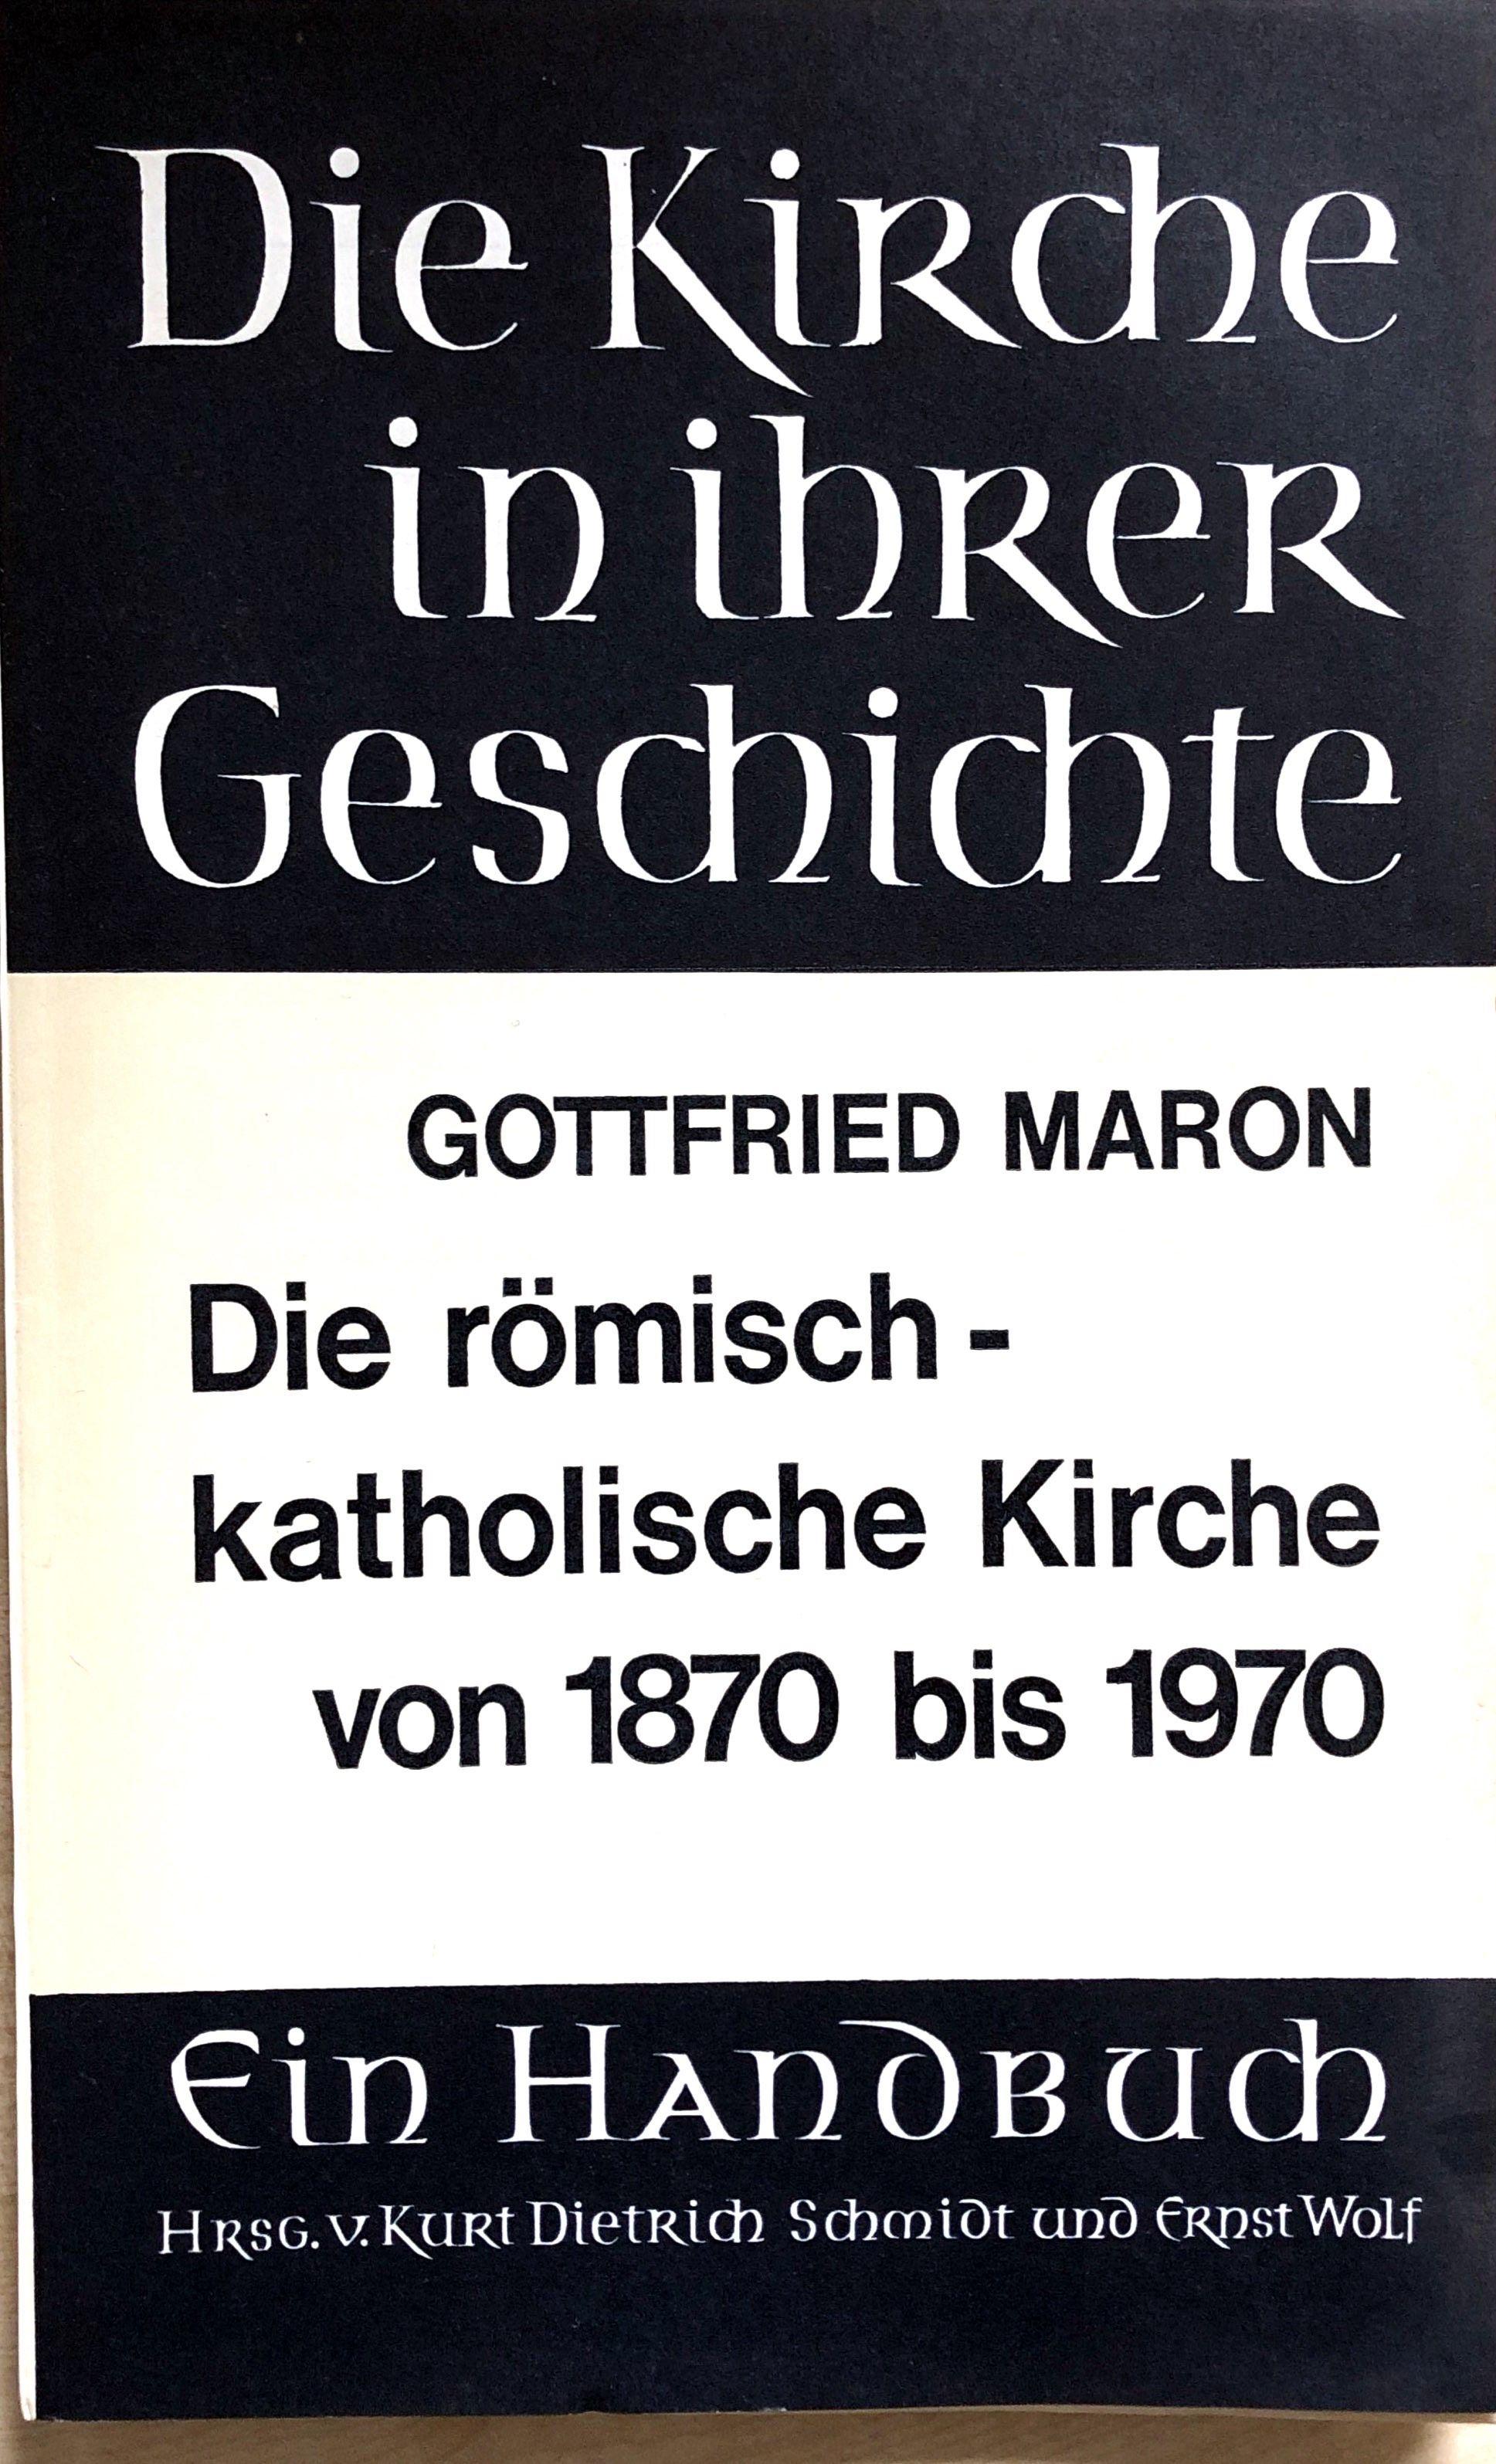 Die römisch-katholische Kirche von 1870 bis 1970: Maron, Gottfried